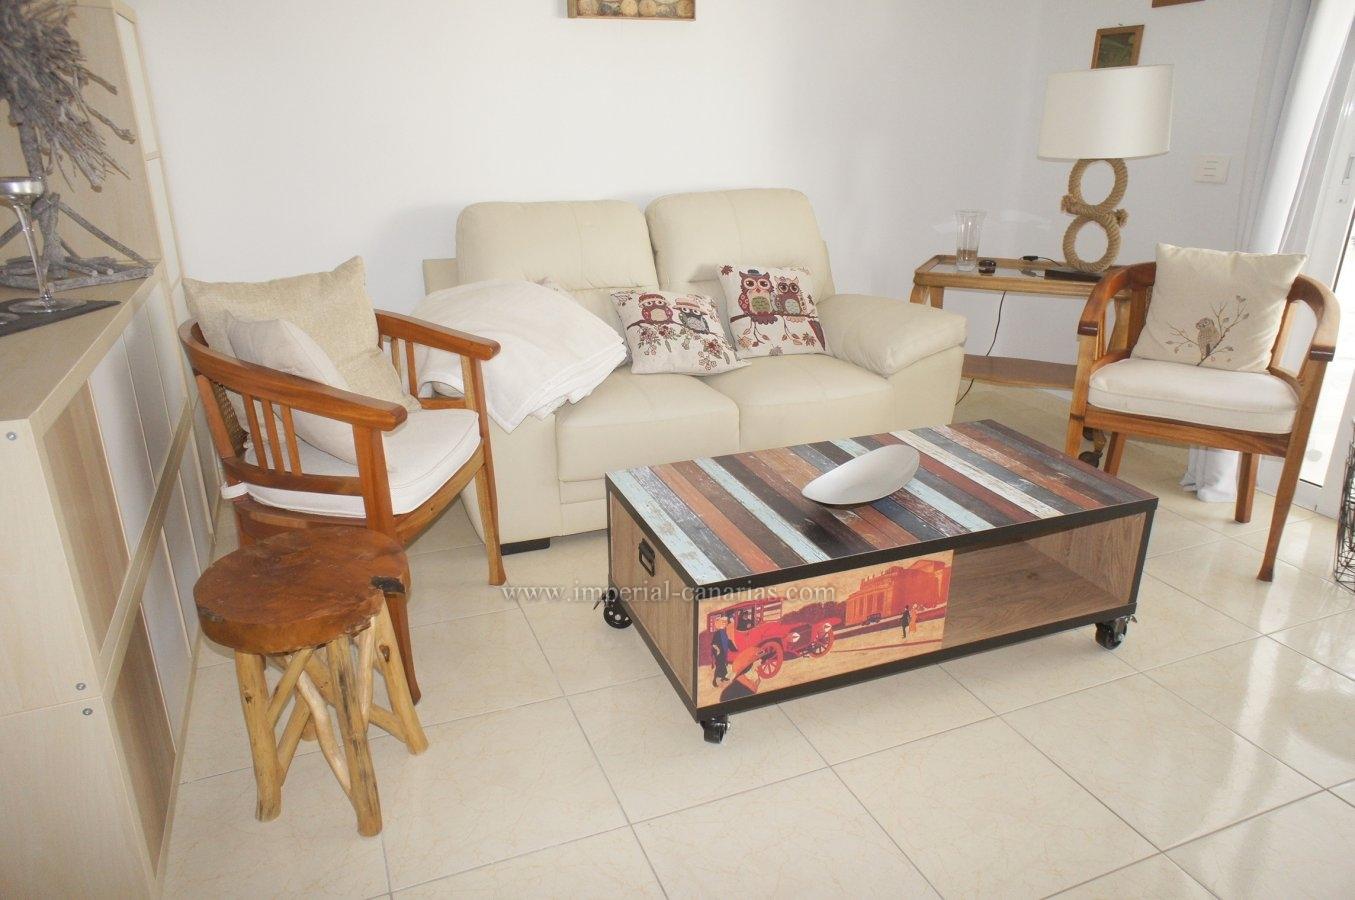 Precioso piso de dos dormitorios con gran terraza y vistas al teide y al jardín tropical